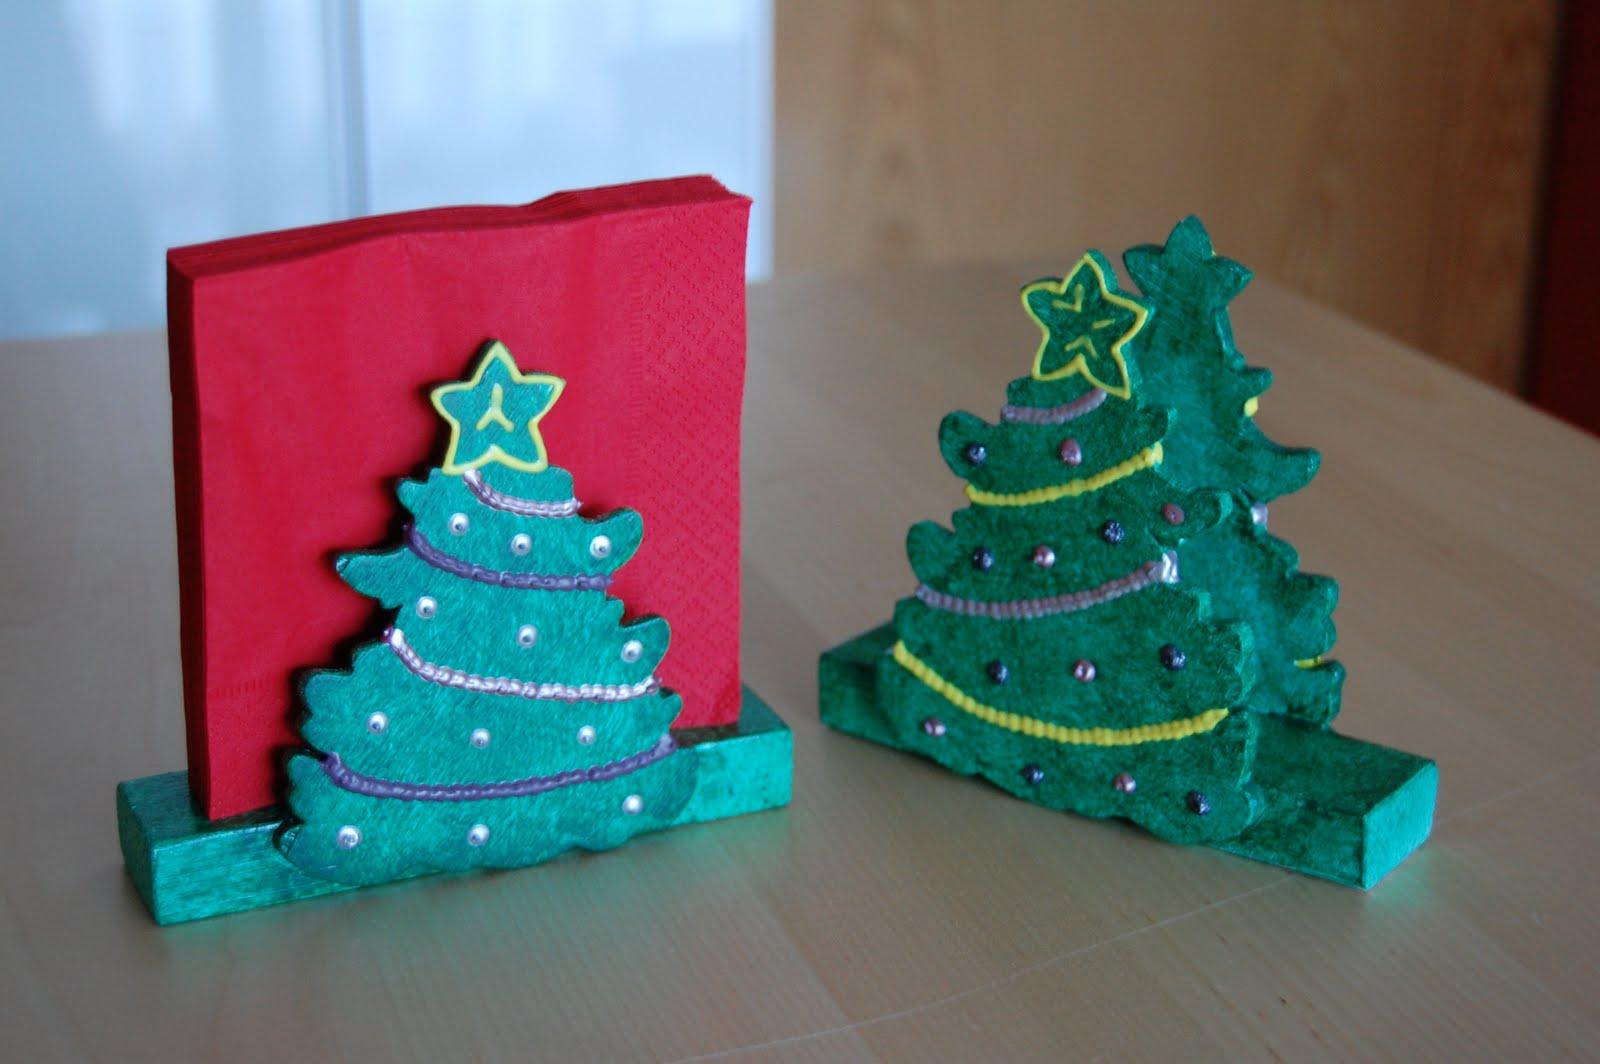 La vena creativa servilleteros para navidad for Cosas para hacer de navidad faciles